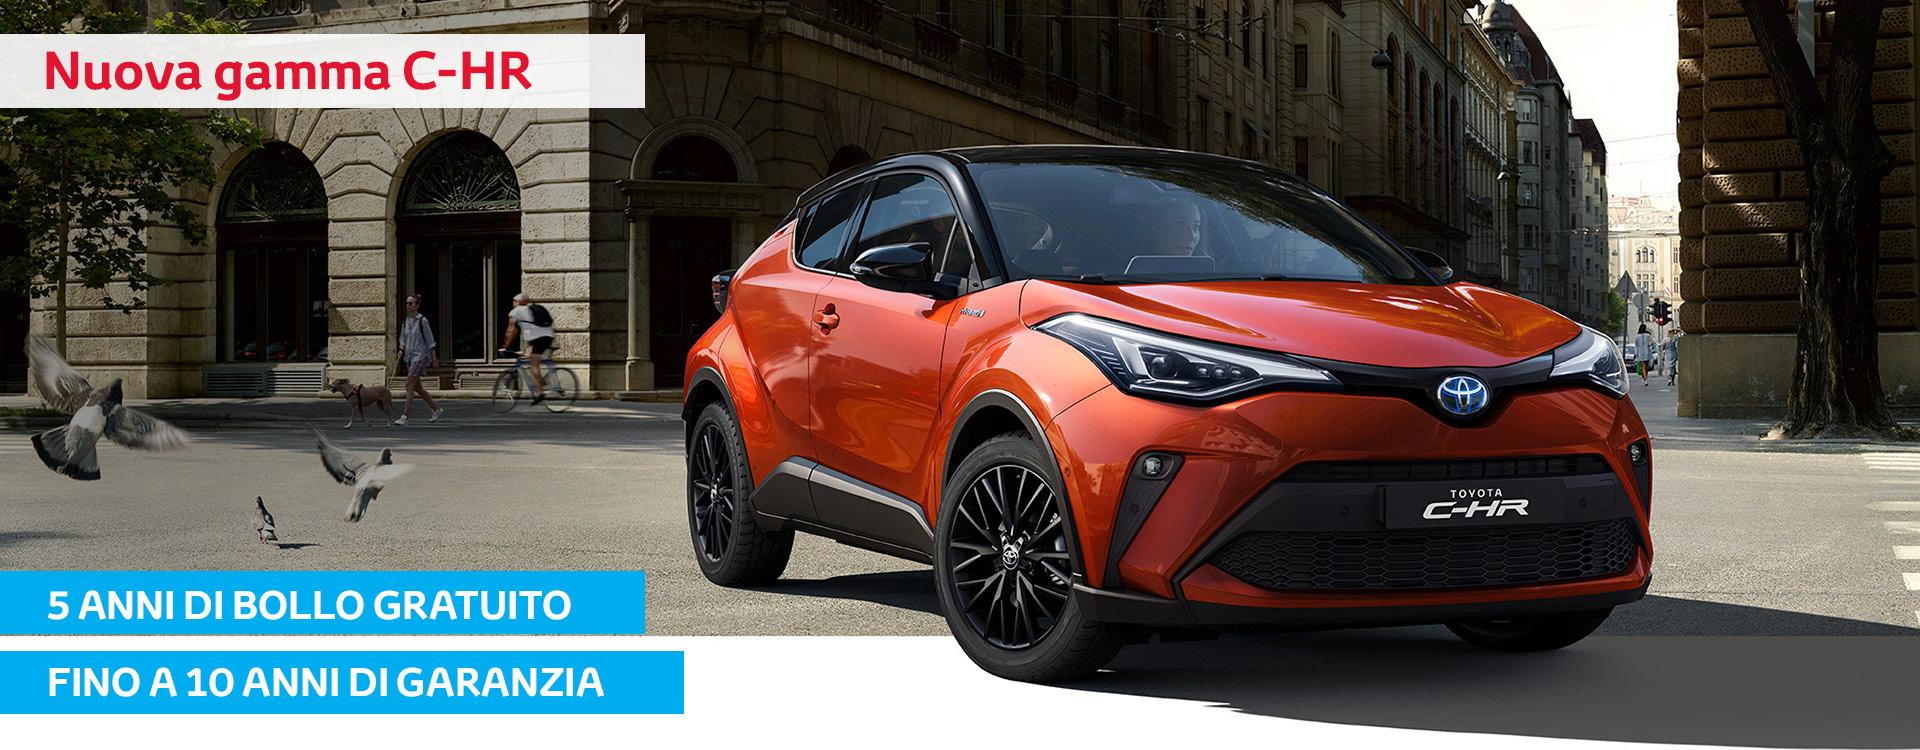 Toyota NUOVO C-HR - Promozioni e Prezzi